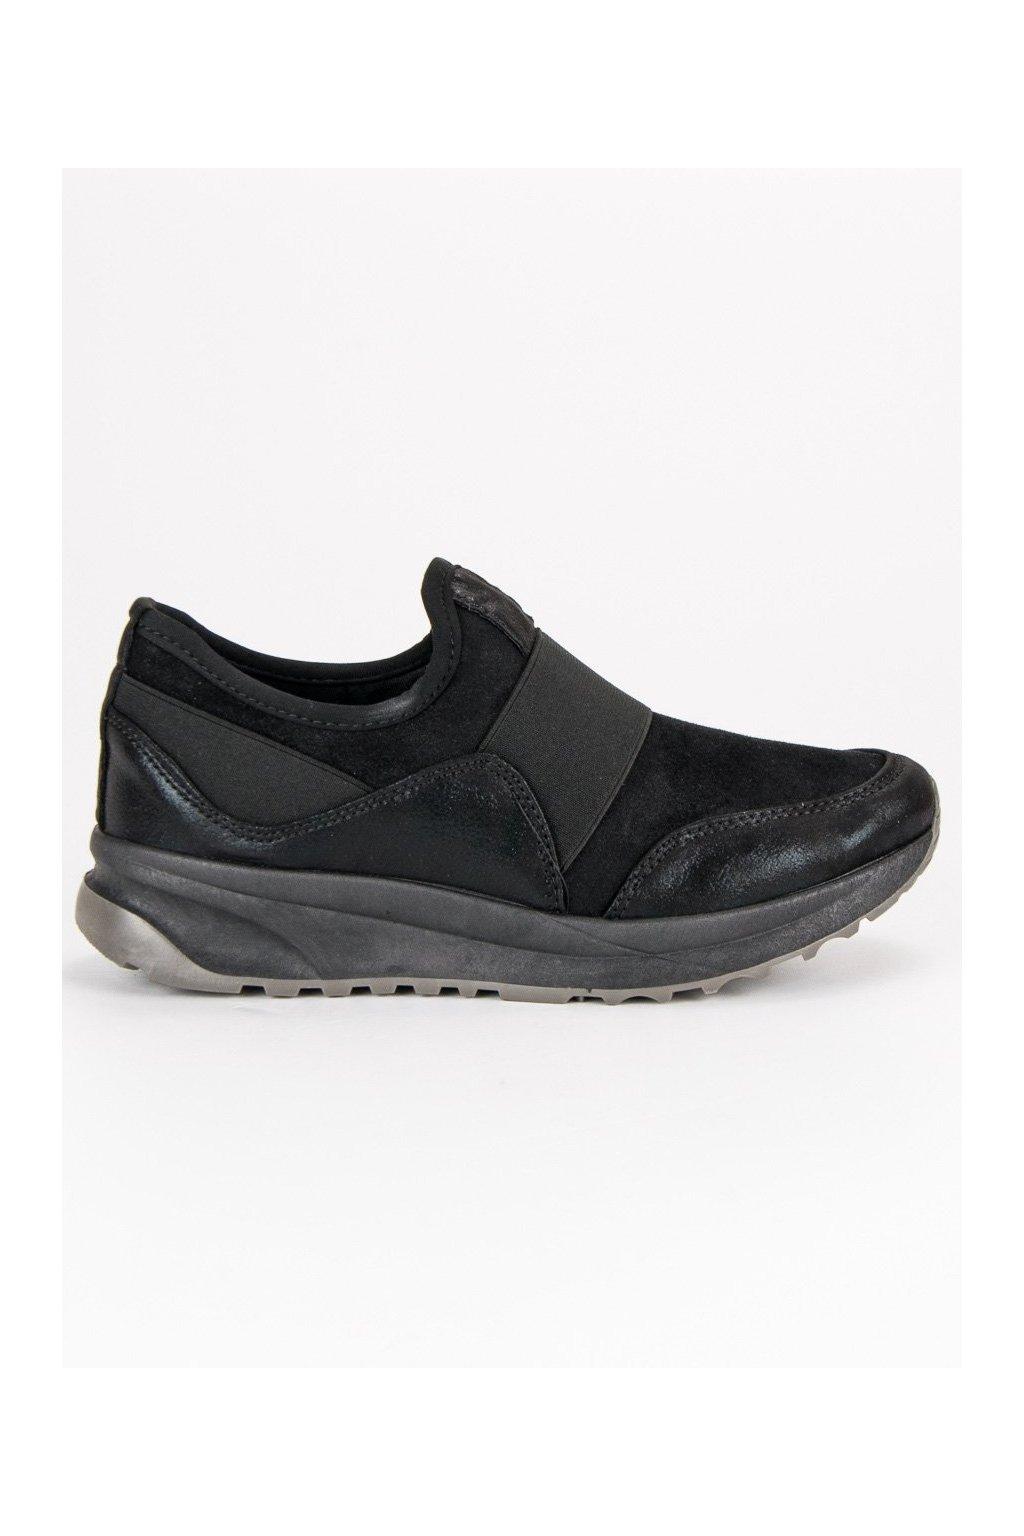 Dámske čierne topánky na šnurovanie  78c64532648